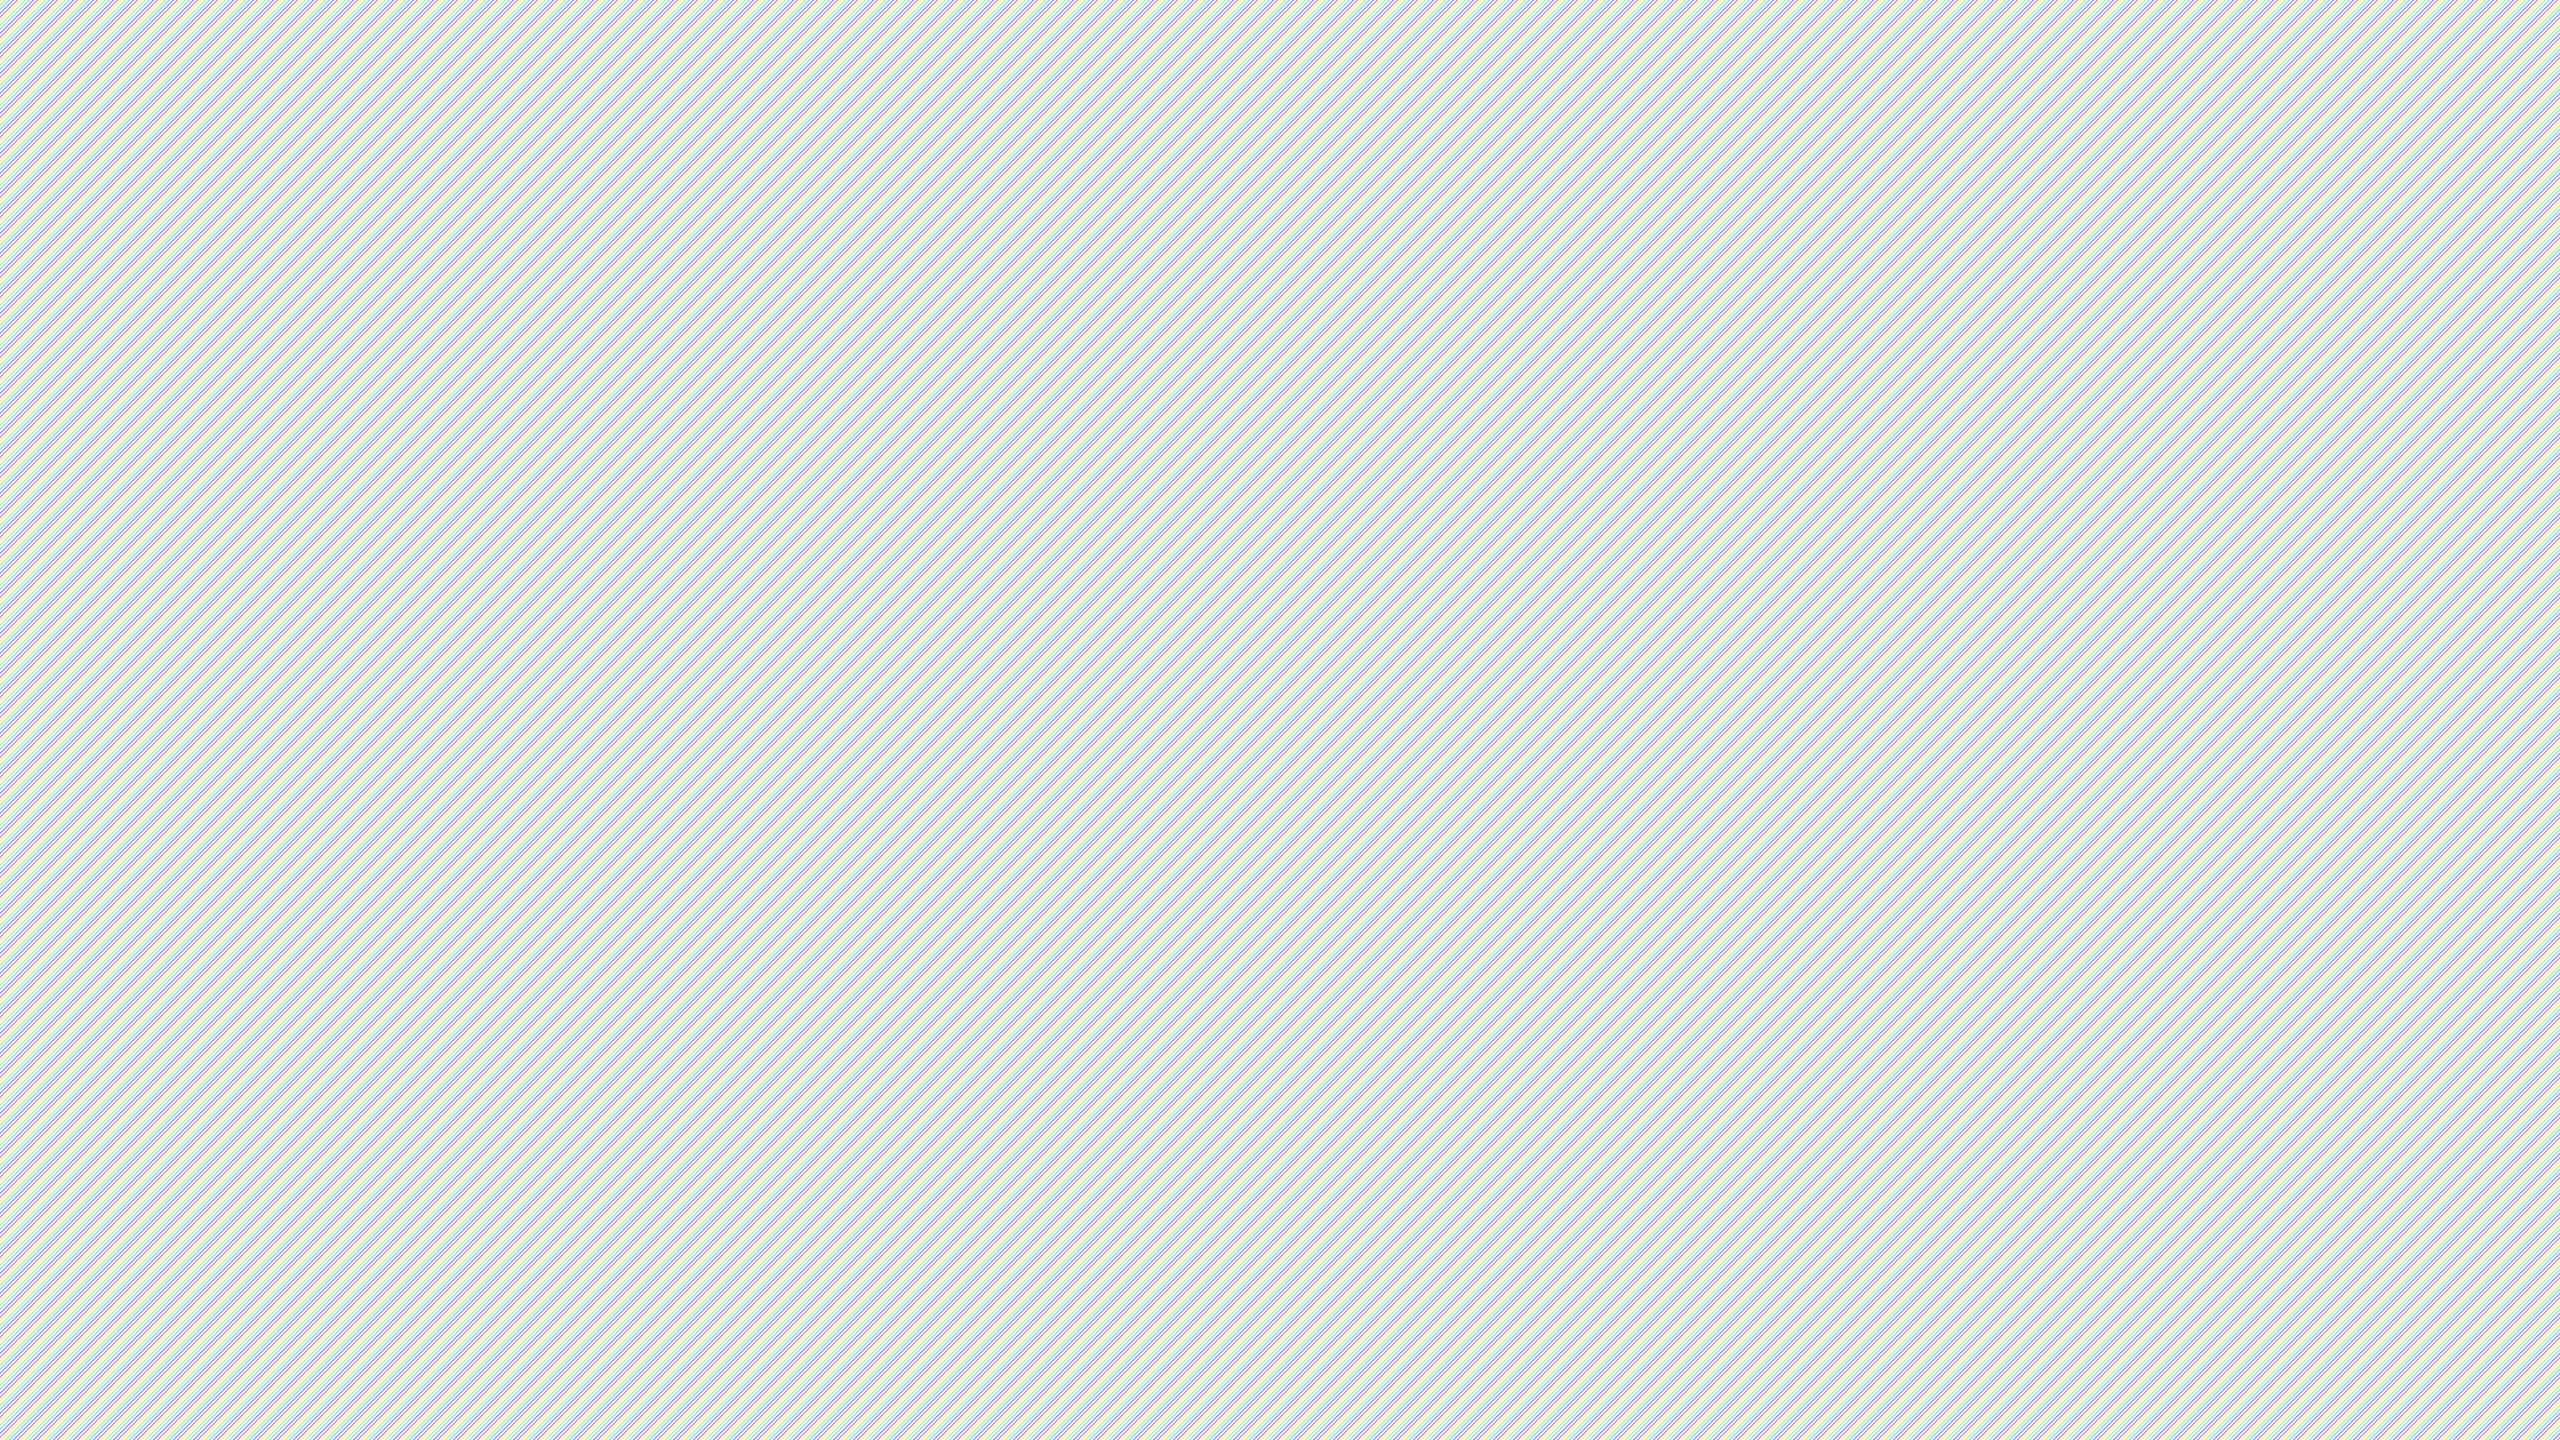 pastel desktop wallpaper installing this pastel desktop wallpaper is 2560x1440